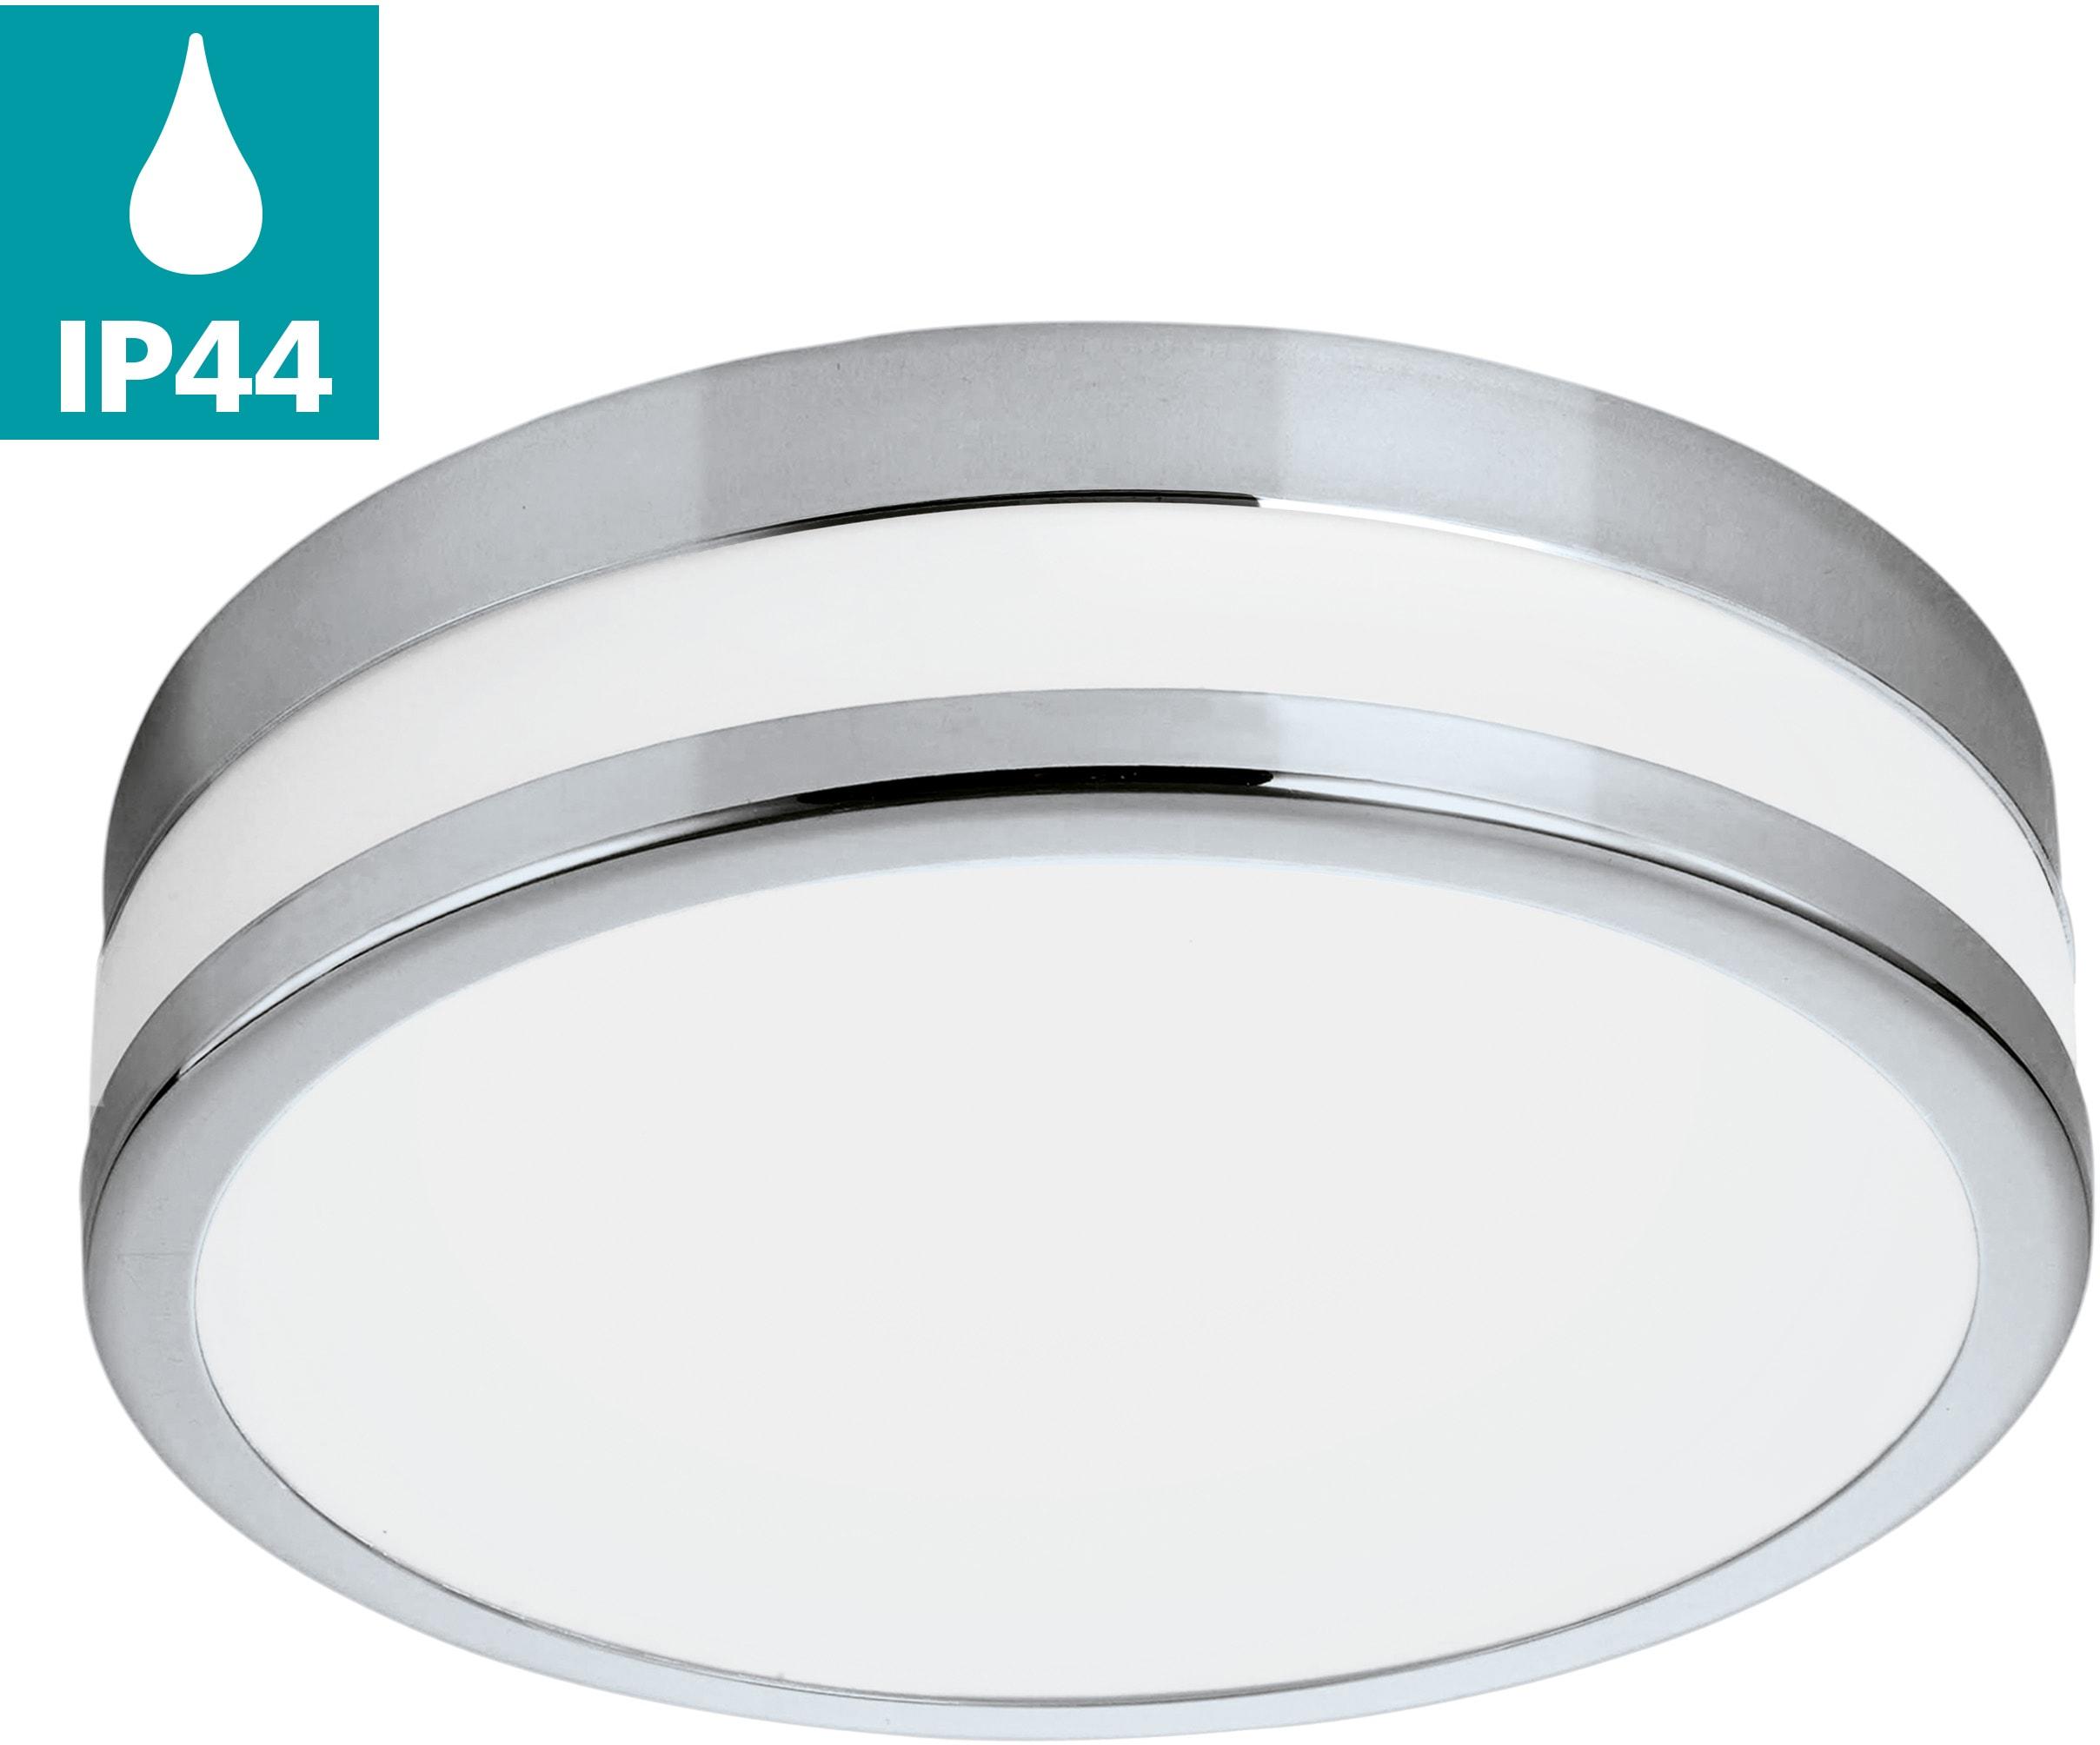 EGLO LED Deckenleuchte PALERMO, LED-Board, Warmweiß, LED tauschbar